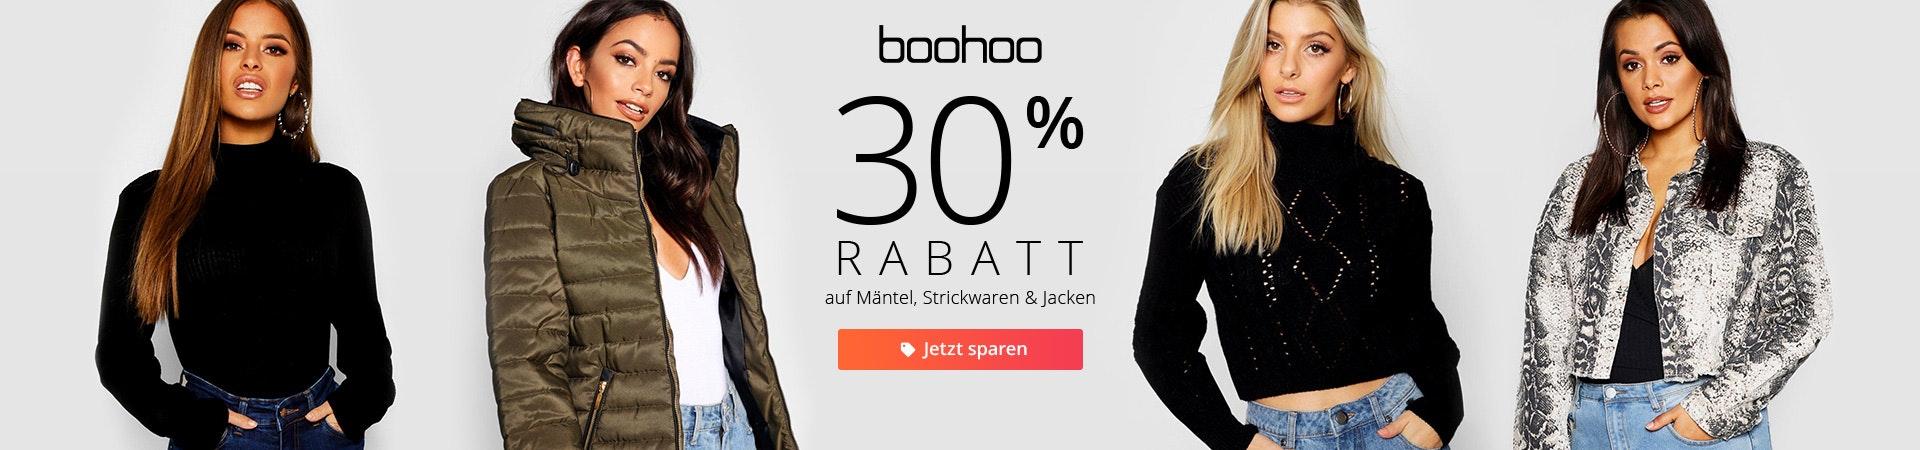 boohoo: 30%